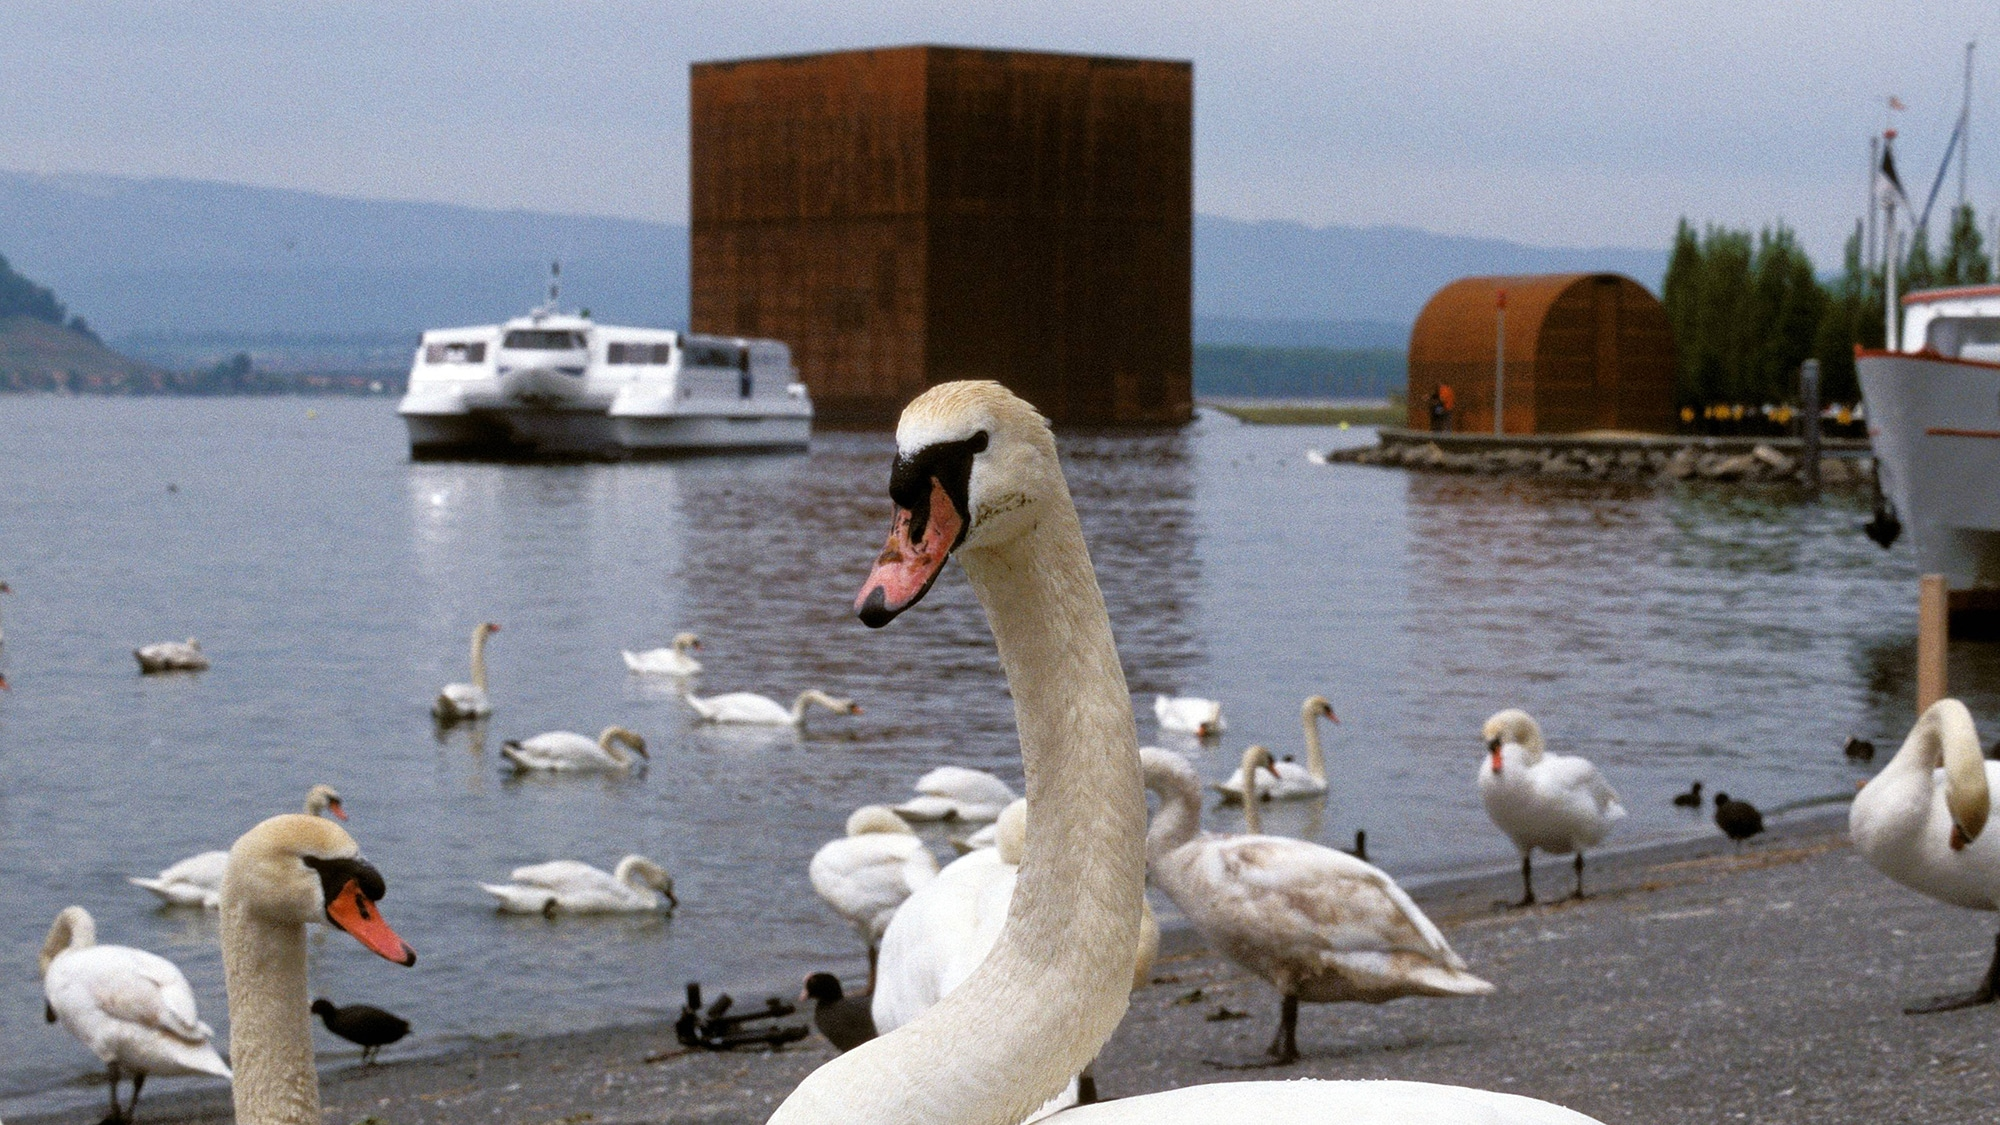 Bildnummer: 50154606  Datum: 27.05.2002  Copyright: imago/R¸ttimannSchw‰ne am Ufer des Murtensees vor dem Expo-Kubus - ei